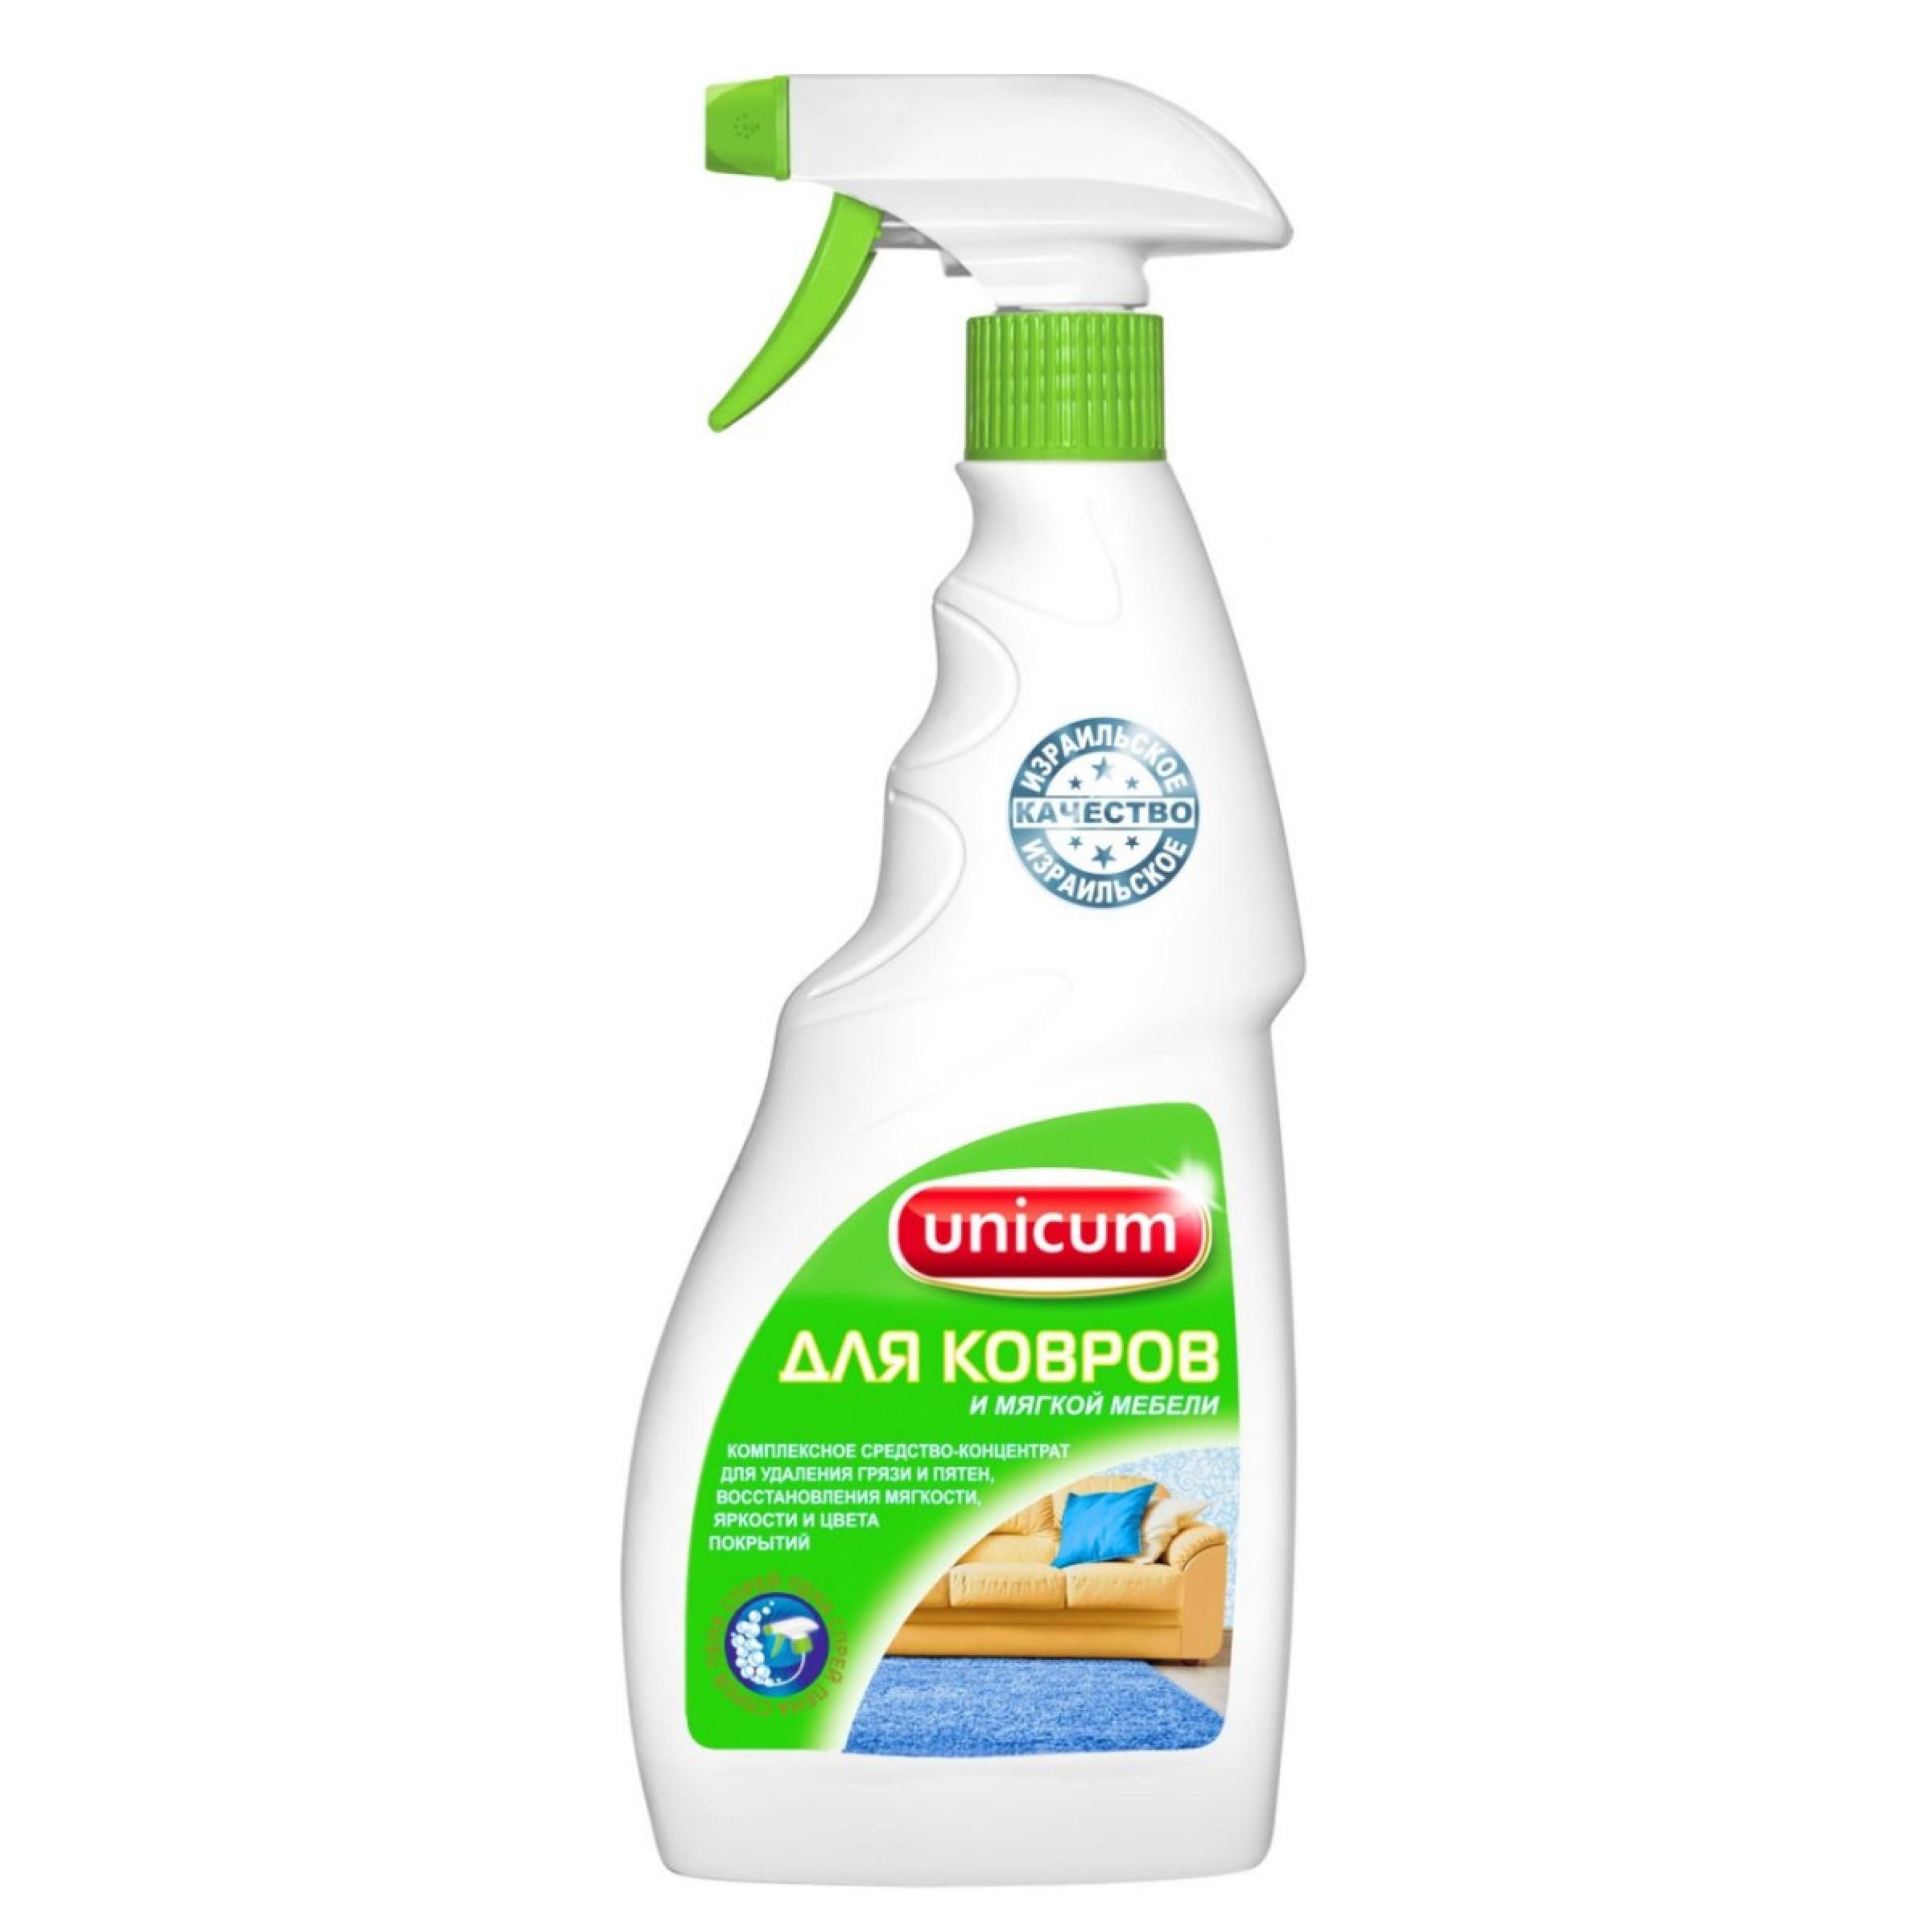 """Средство для чистки ковров и мягкой мебели """"Unicum"""", 500мл"""